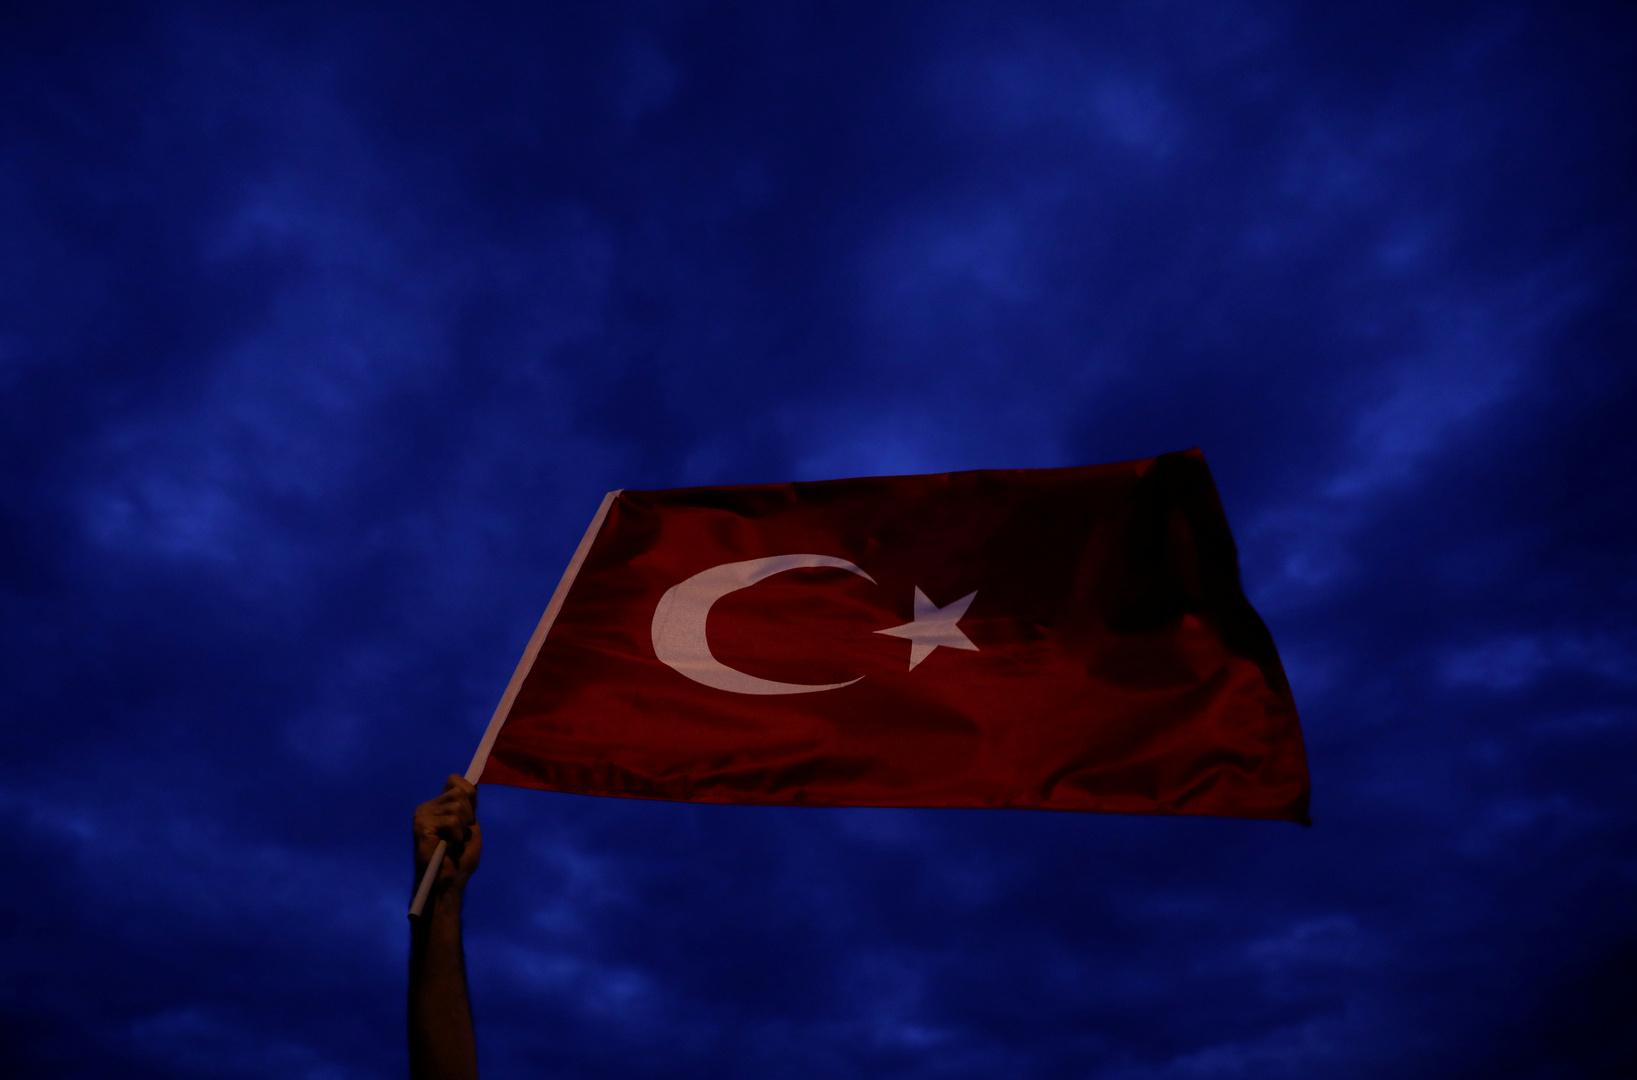 بعد اكتشافها جثث 13 تركيا شمال العراق.. أنقرة تندد بـ